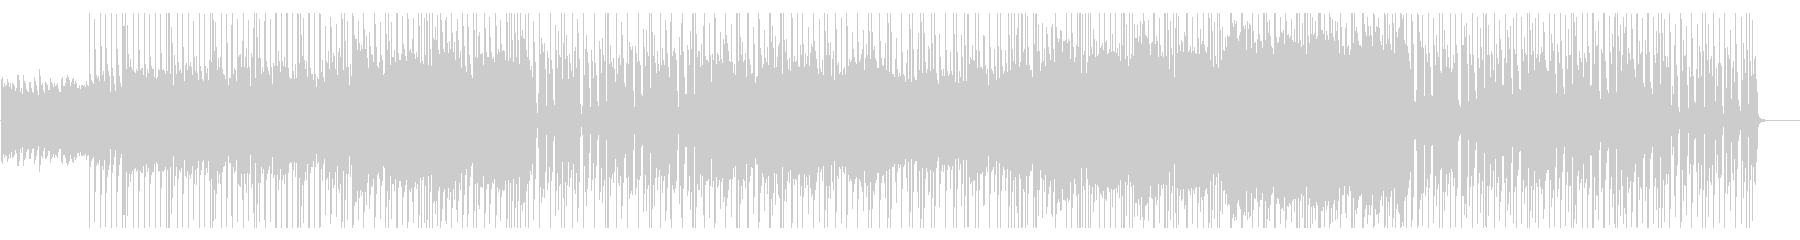 クリーンギターのフレーズが印象的なロックの未再生の波形